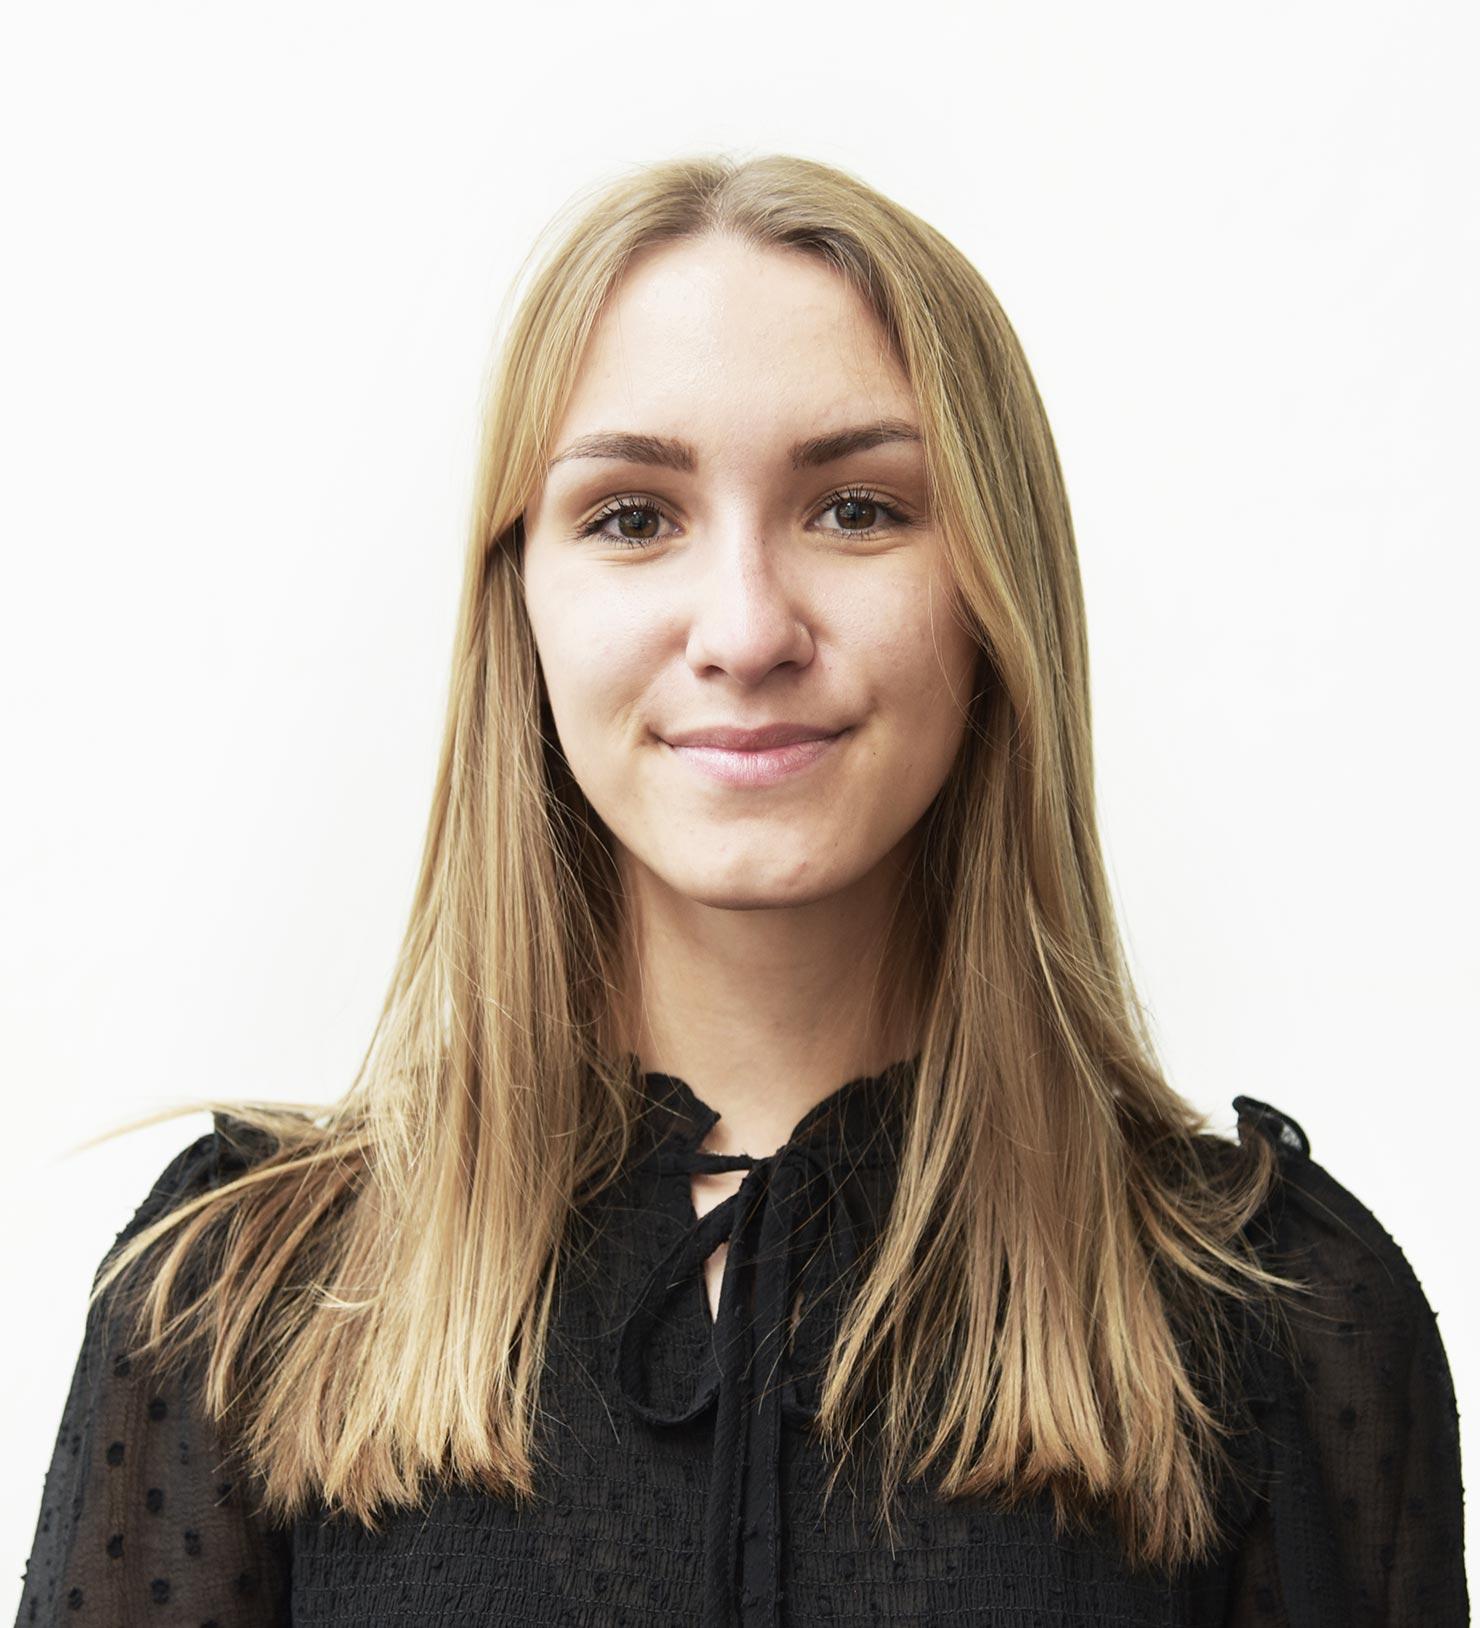 Sofia Gadzikovskaia